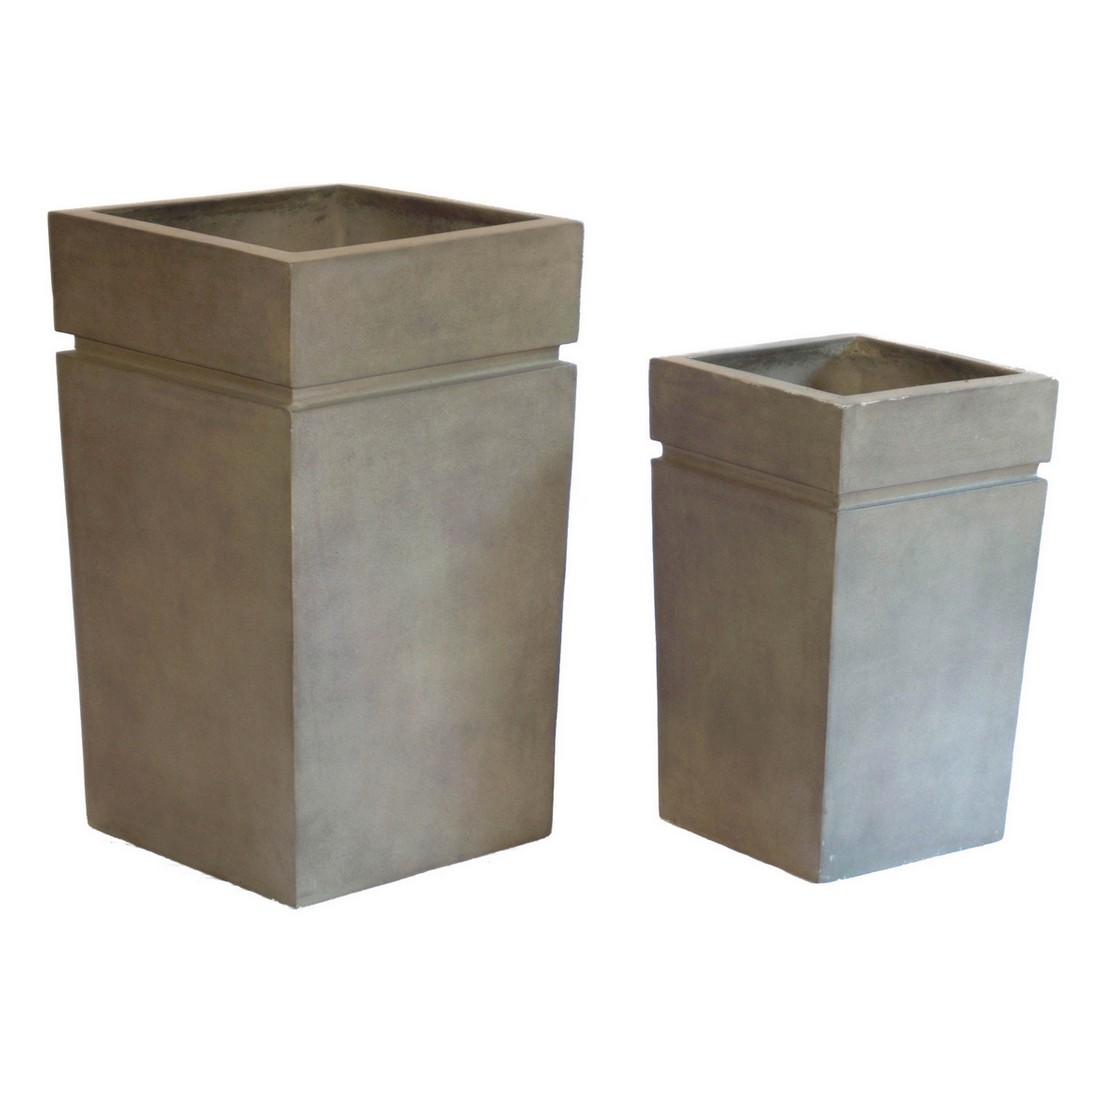 Pflanzkübel ISI Cotto – Kunststoff – Terracota – Modern Eckig – Höhe: 75 cm Breit: 45 cm (einzeln), Viducci's Garden jetzt kaufen